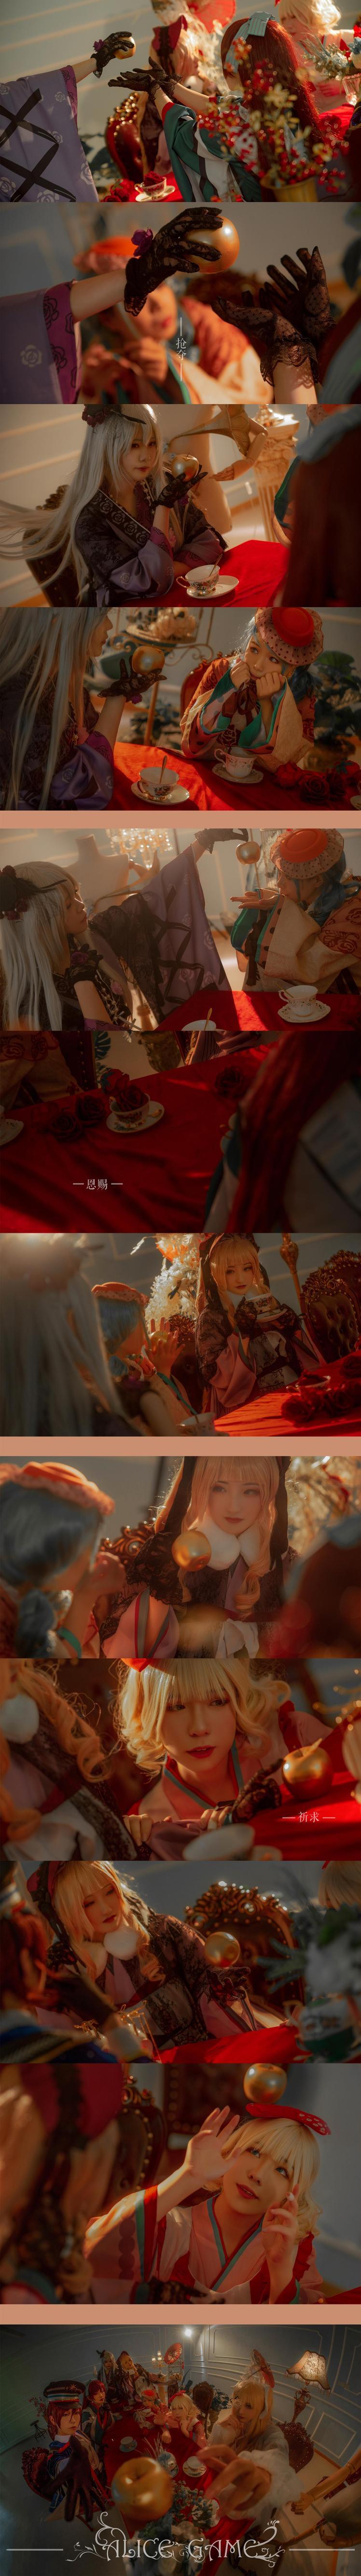 《蔷薇少女》-第3张